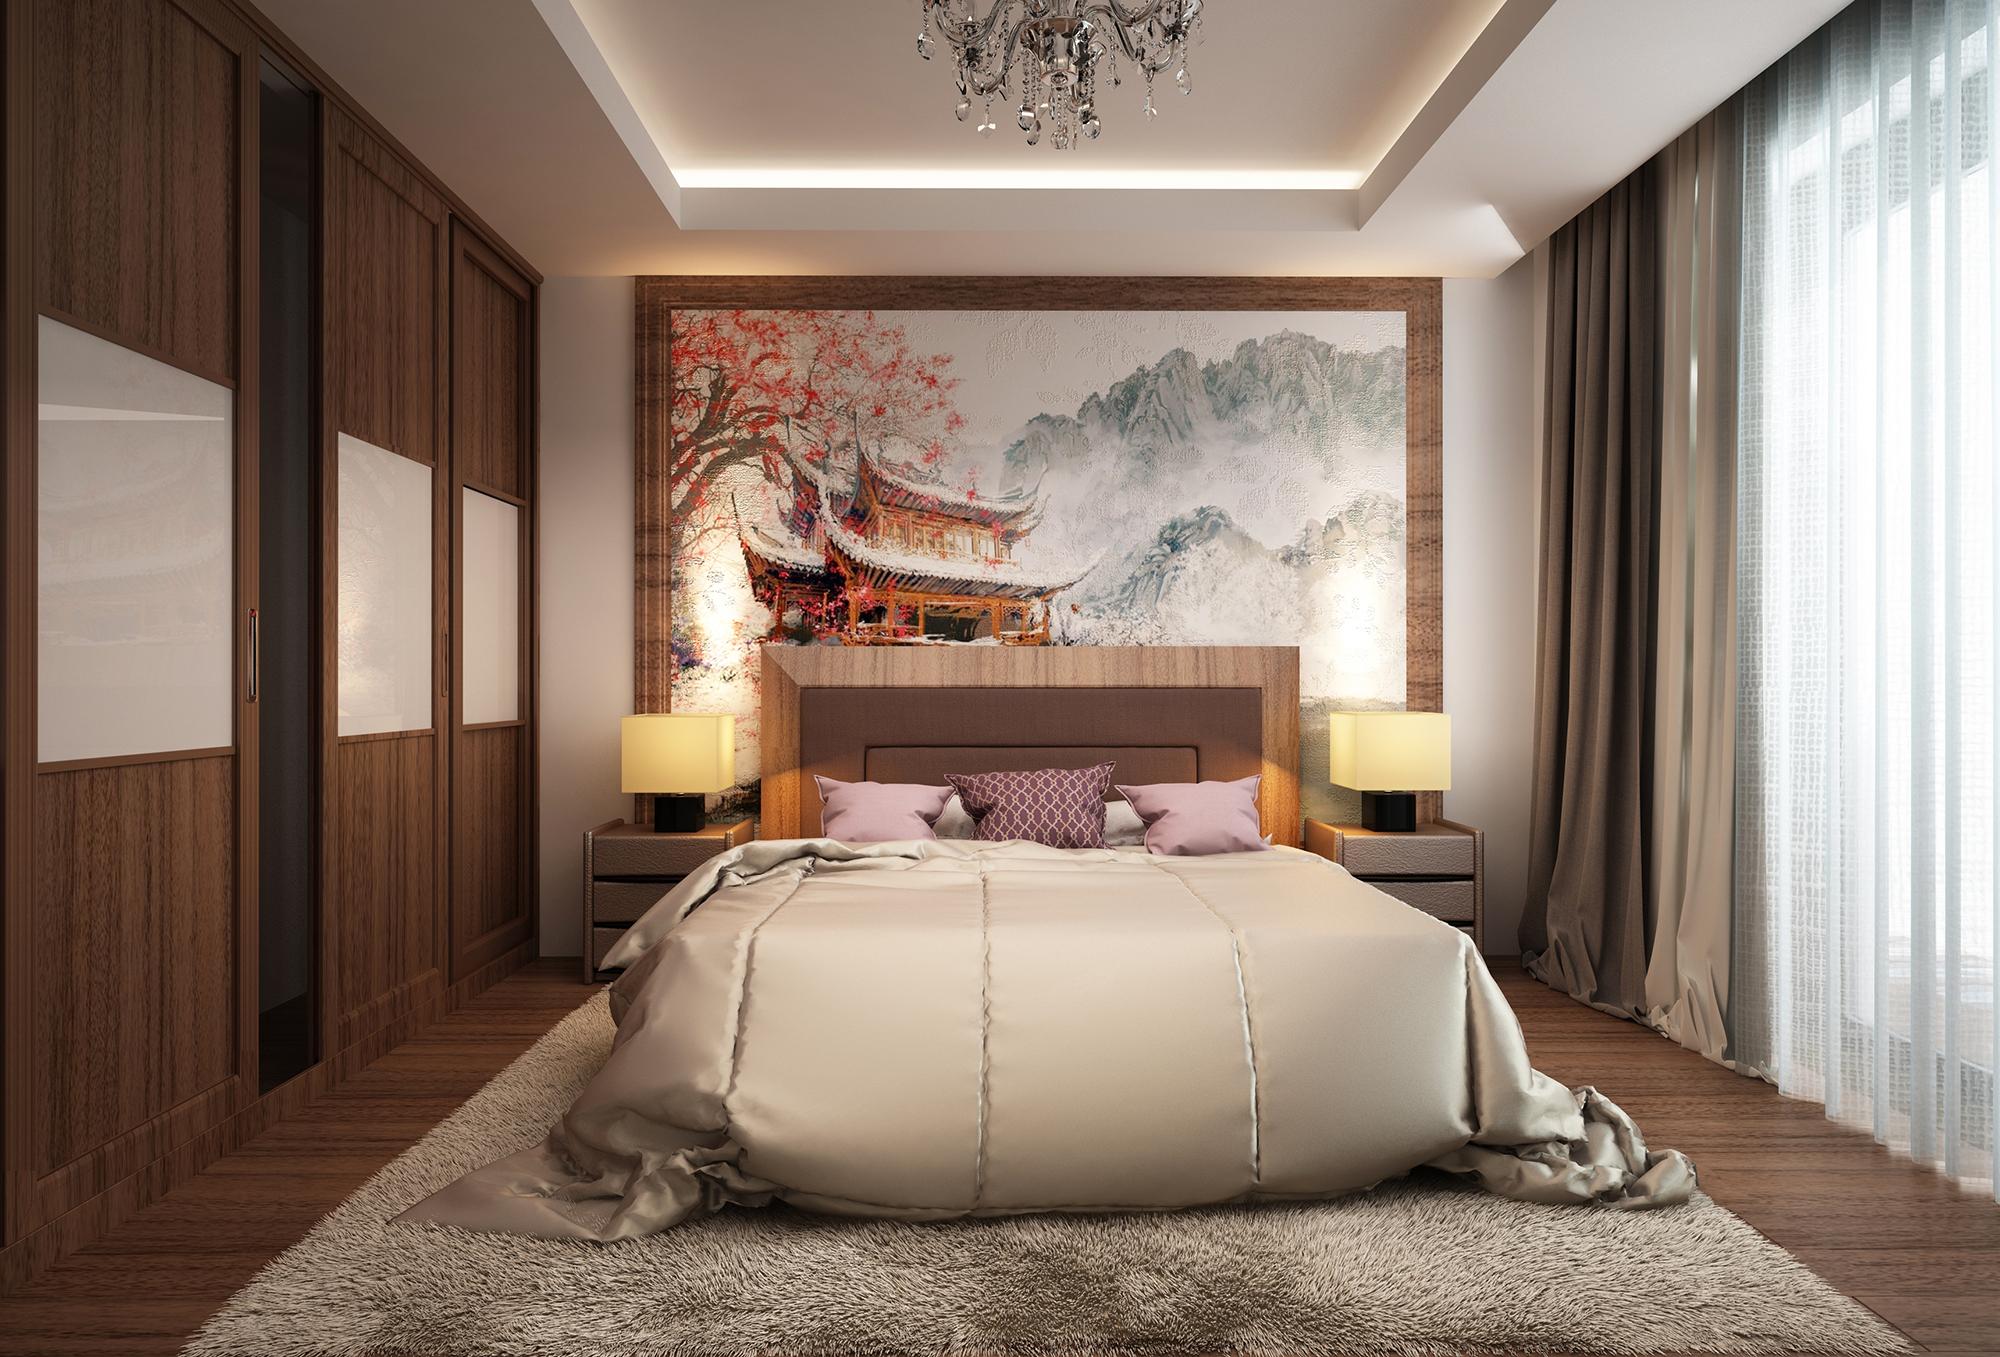 Большое акварельное полотно над кроватью в спальне